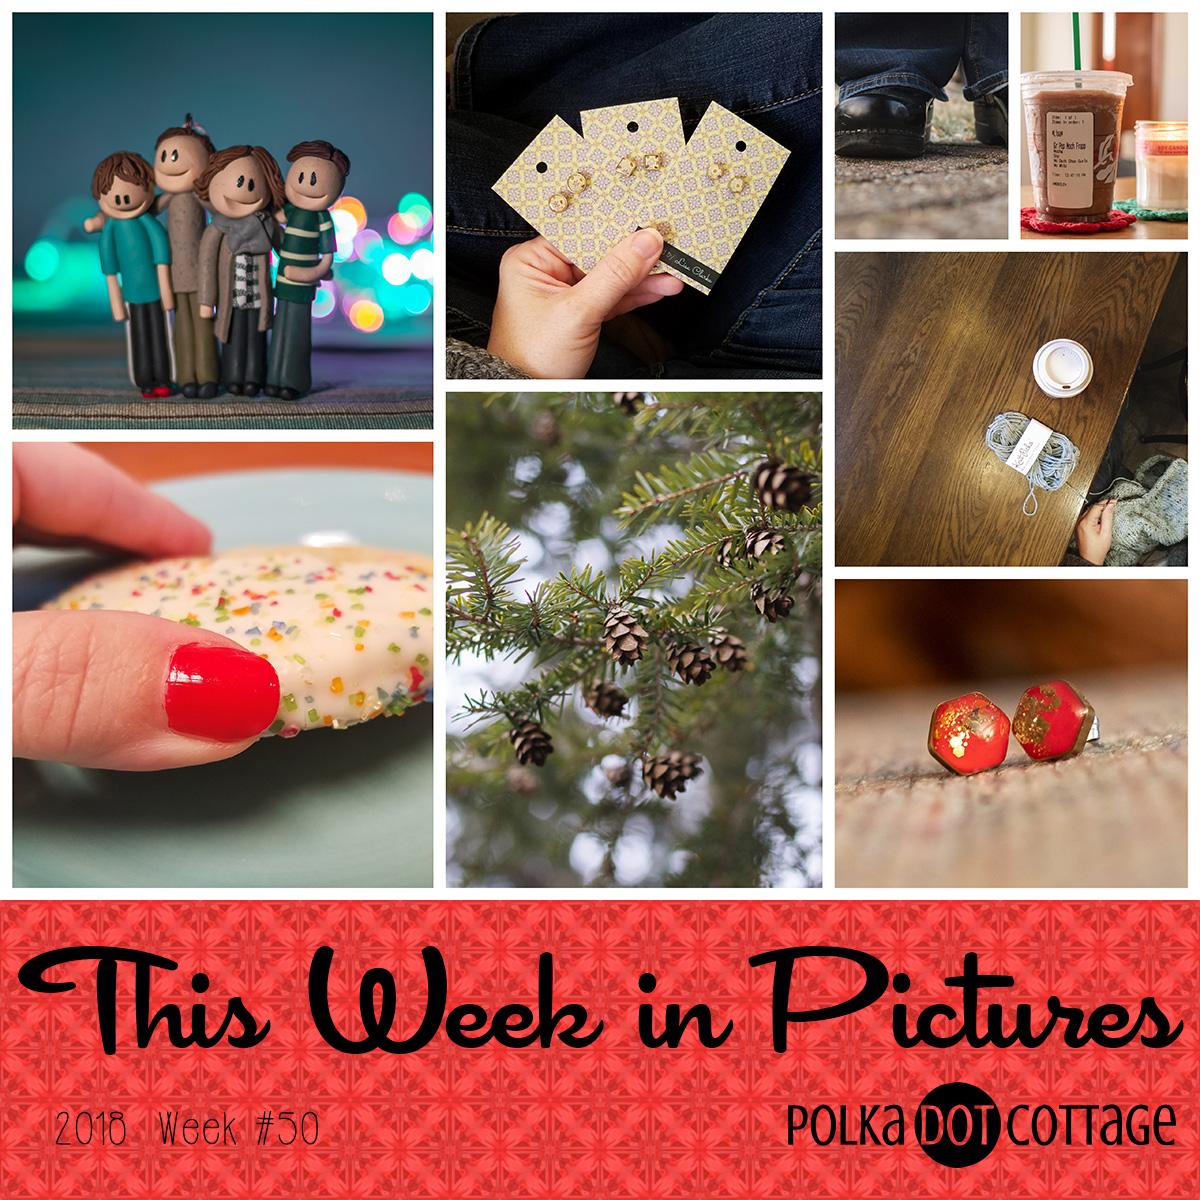 This Week in Pictures, Week 50, 2018